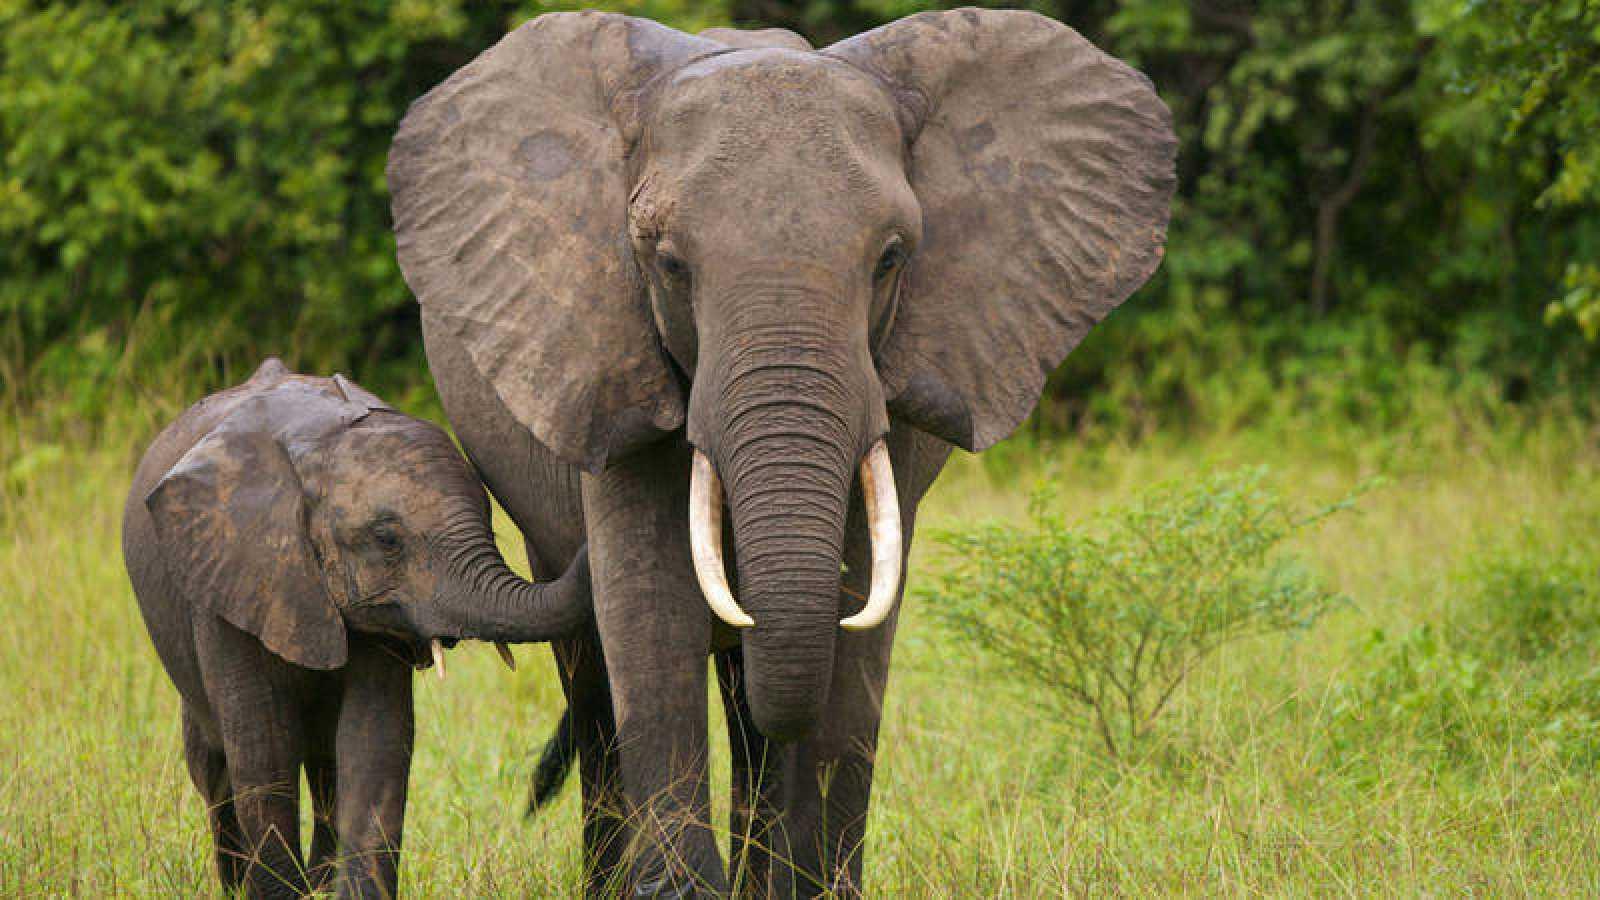 animales en peligro de extincion en africa